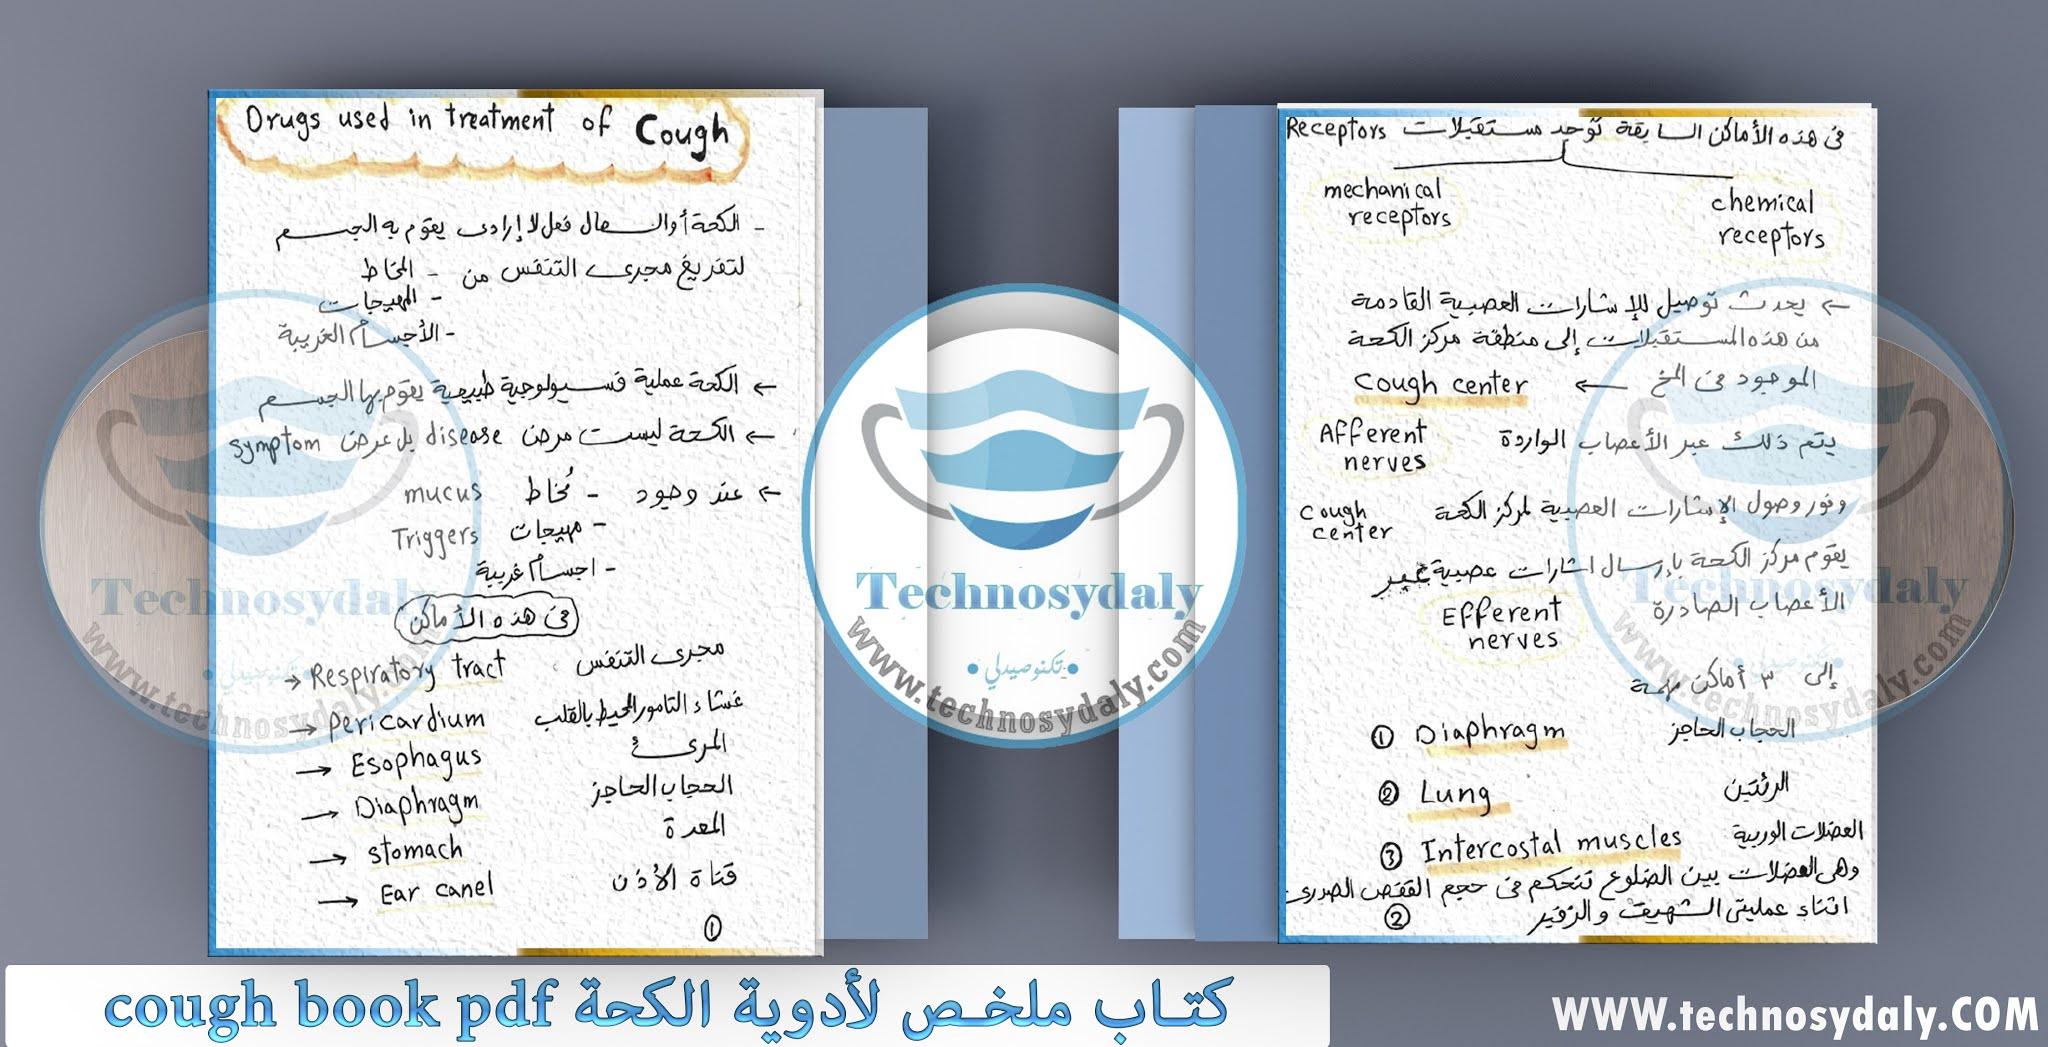 كتاب ملخص لأدوية الكحة cough book pdf